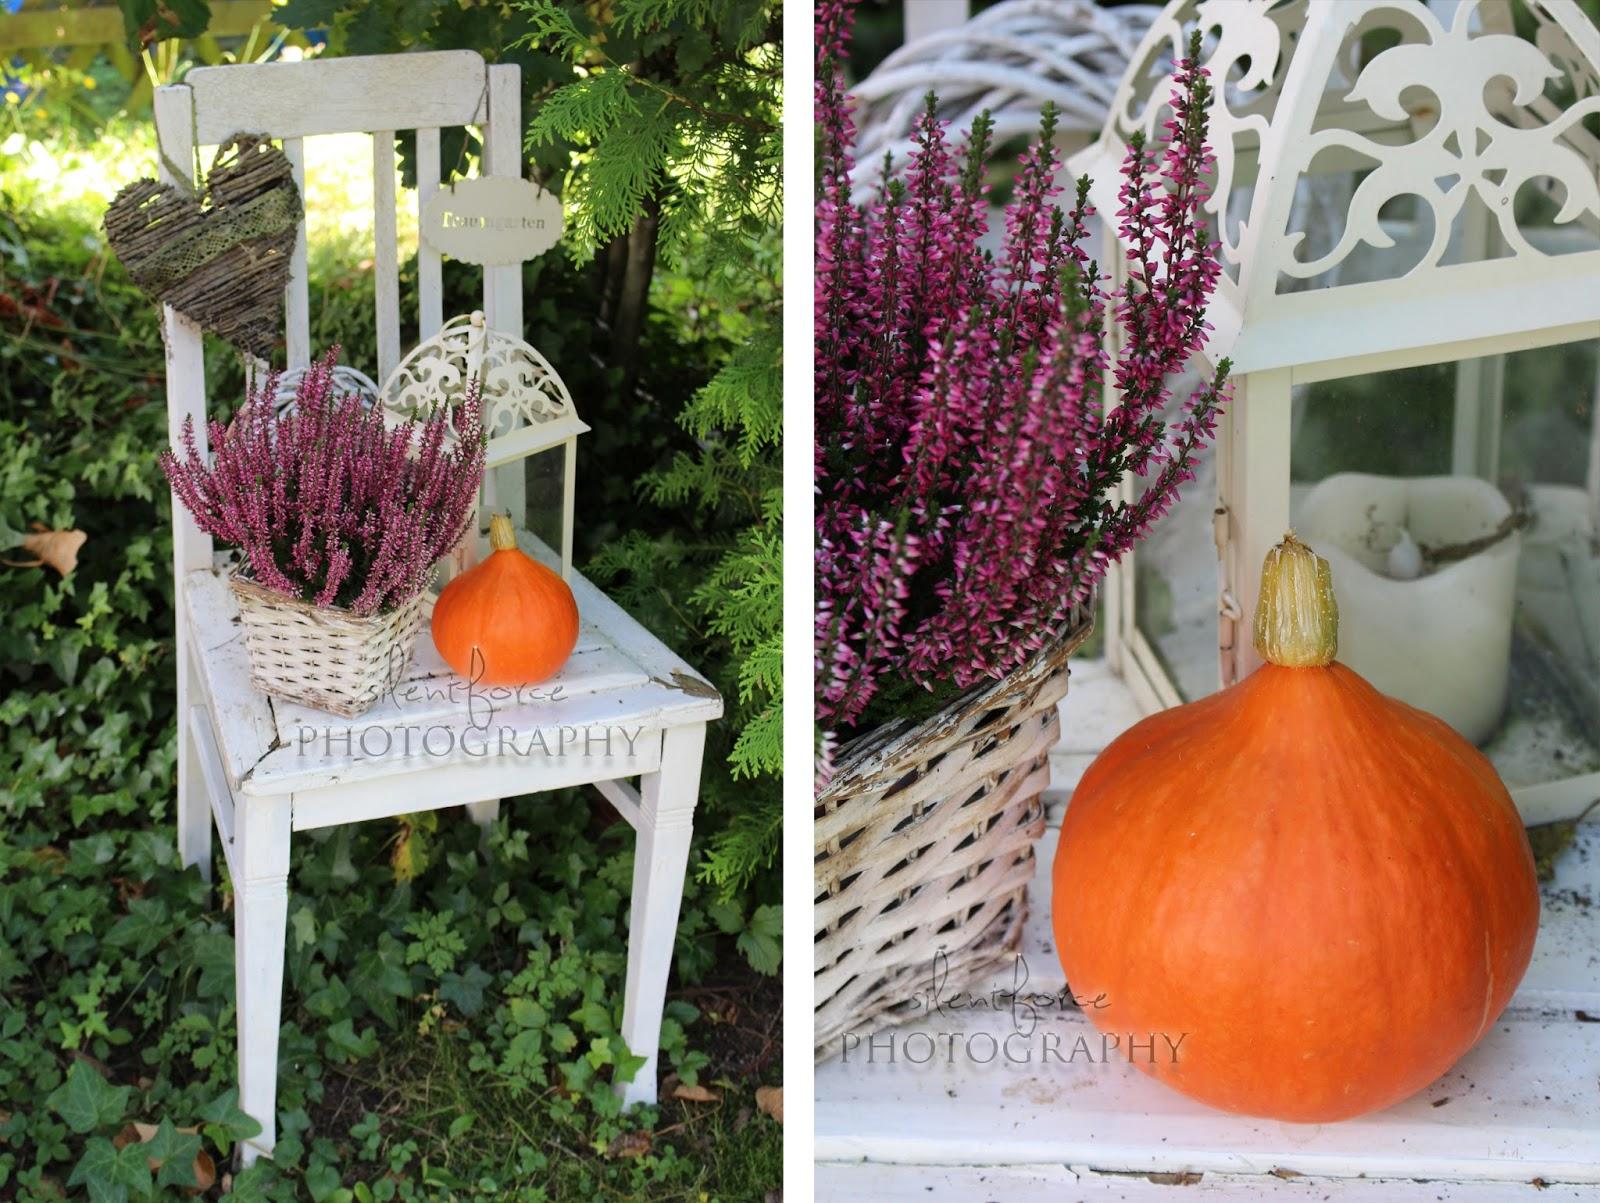 herbstliche deko silentforce garden. Black Bedroom Furniture Sets. Home Design Ideas